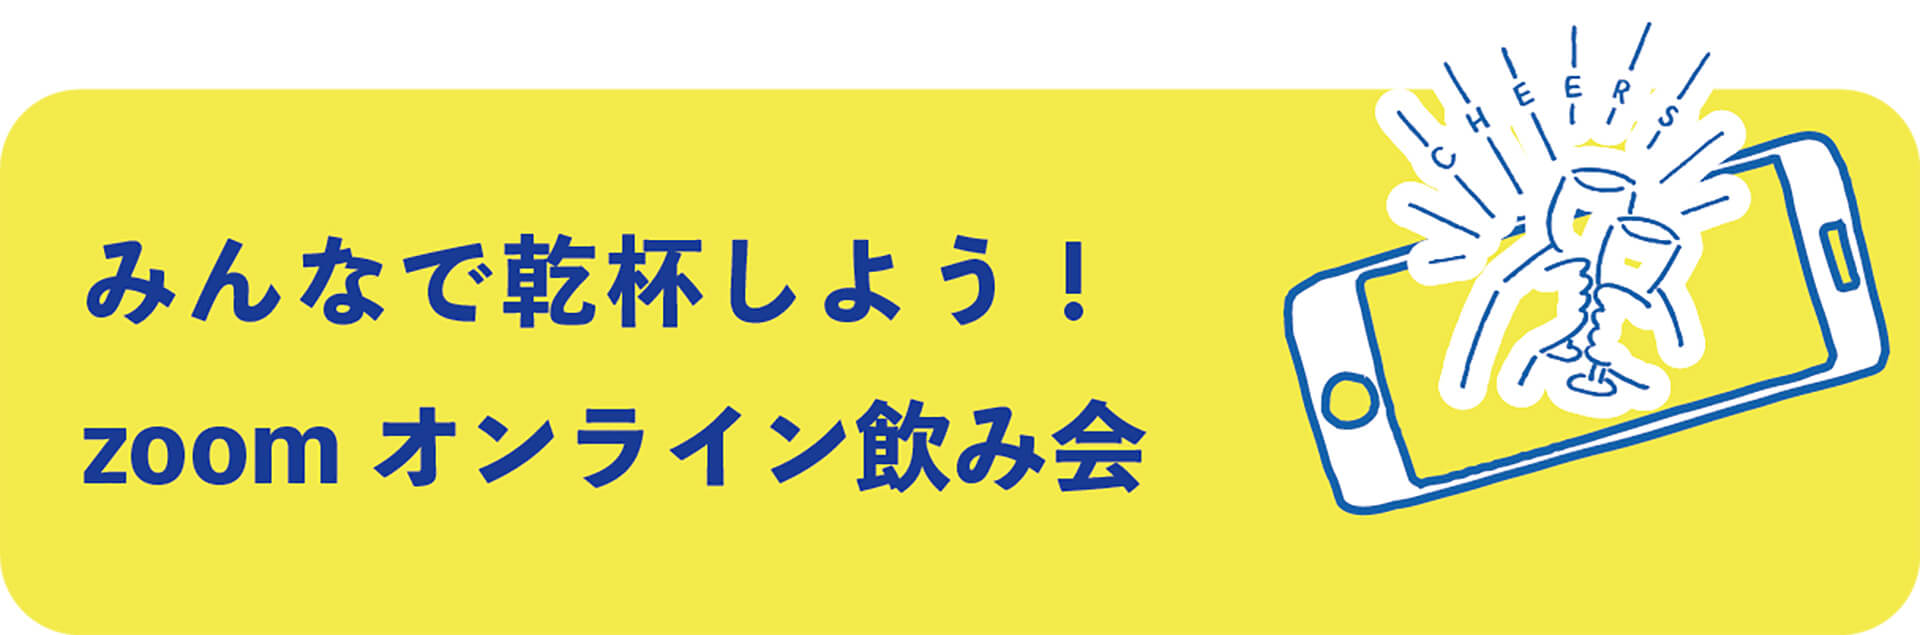 「千駄ヶ谷盆踊り大会」オンライン